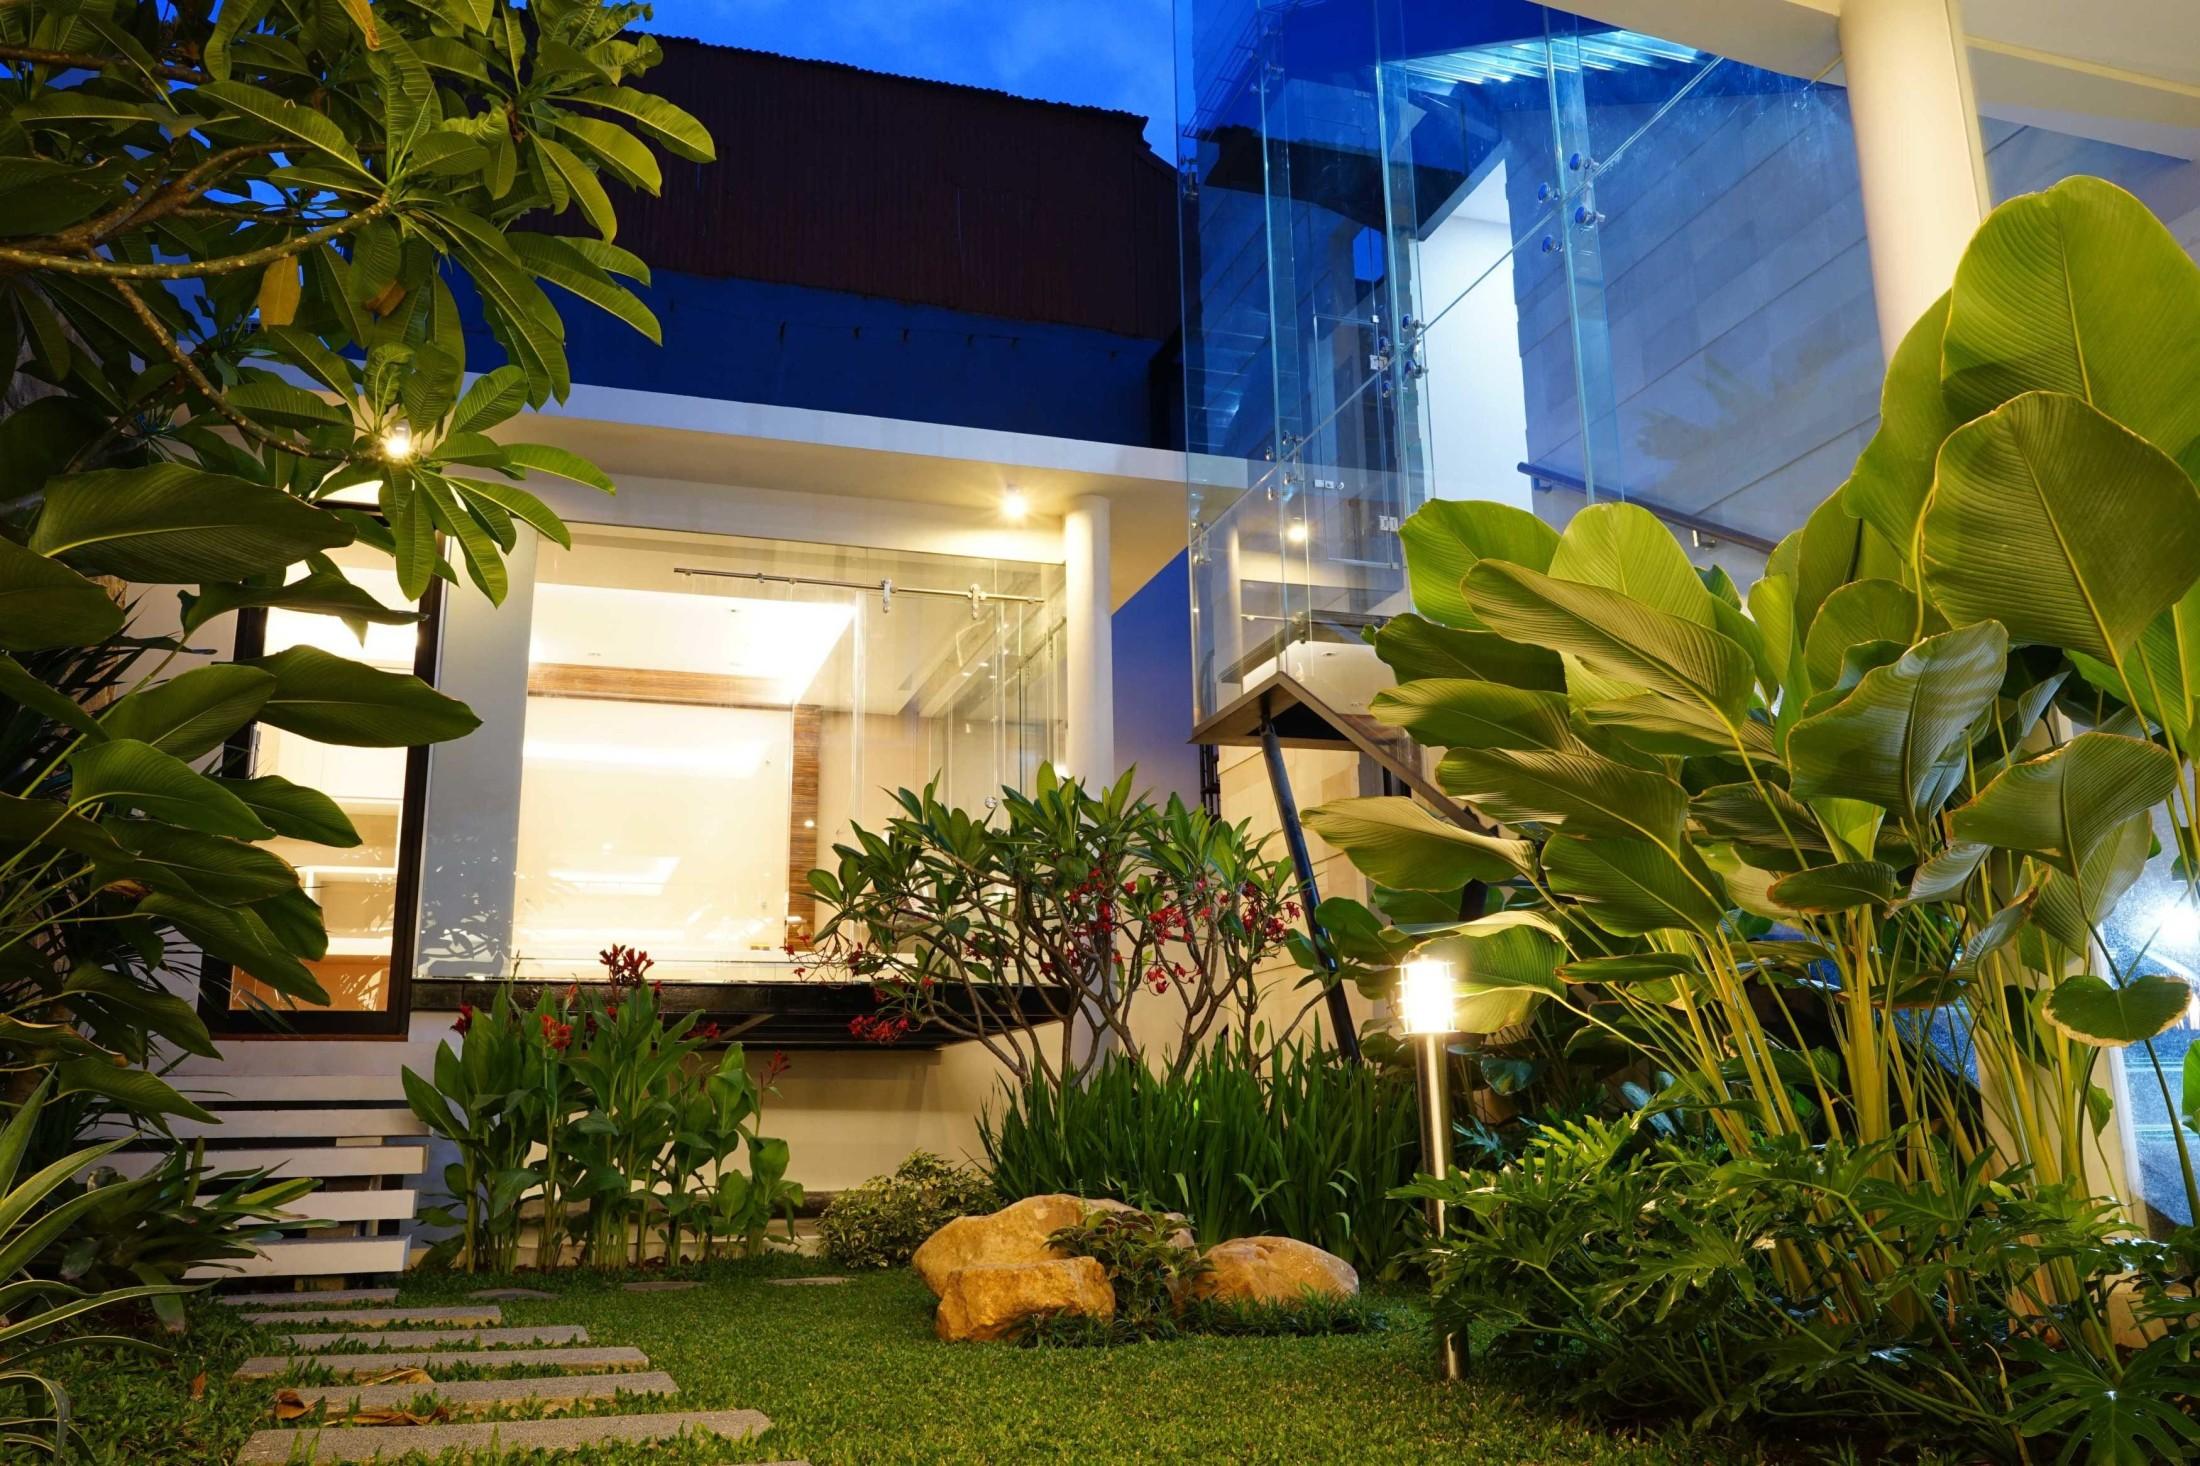 106+ Desain Taman Kecil Di Samping Kamar HD Terbaik